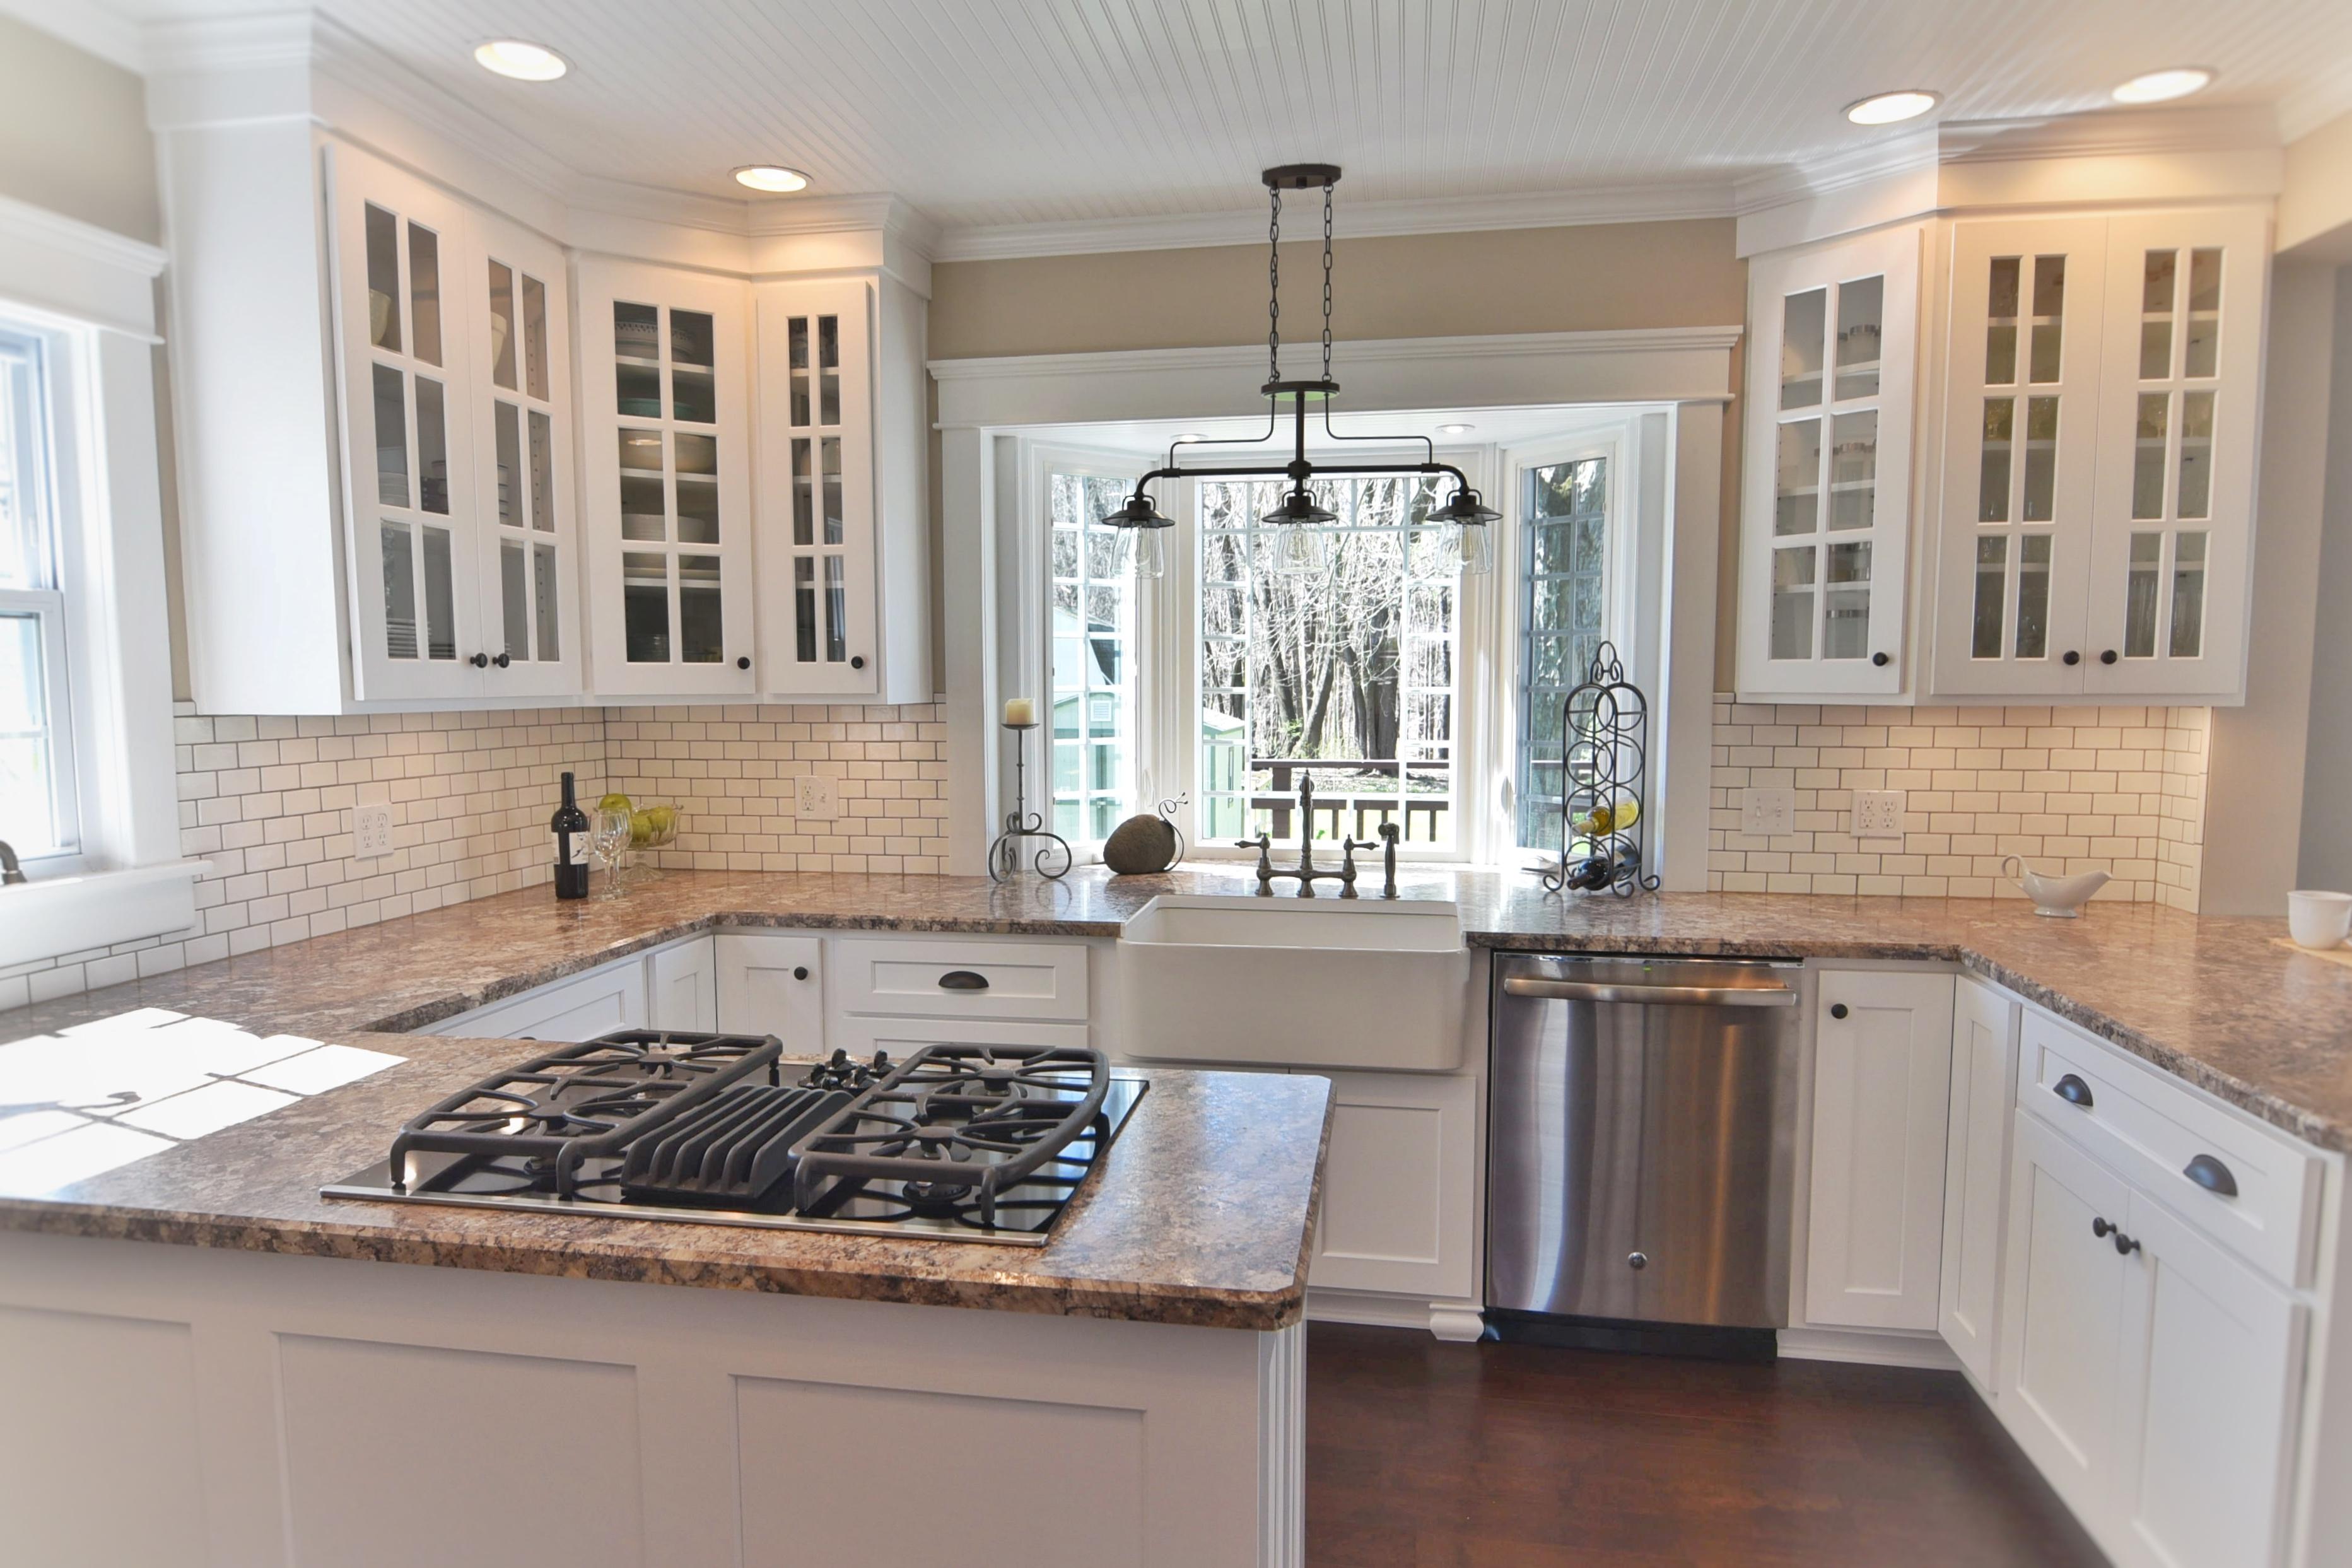 Vanity Mirror With Lights Bathroom Ladder Towel Rack Lowe S Bathroom Accessories Towel Racks: Zehr Building LLC